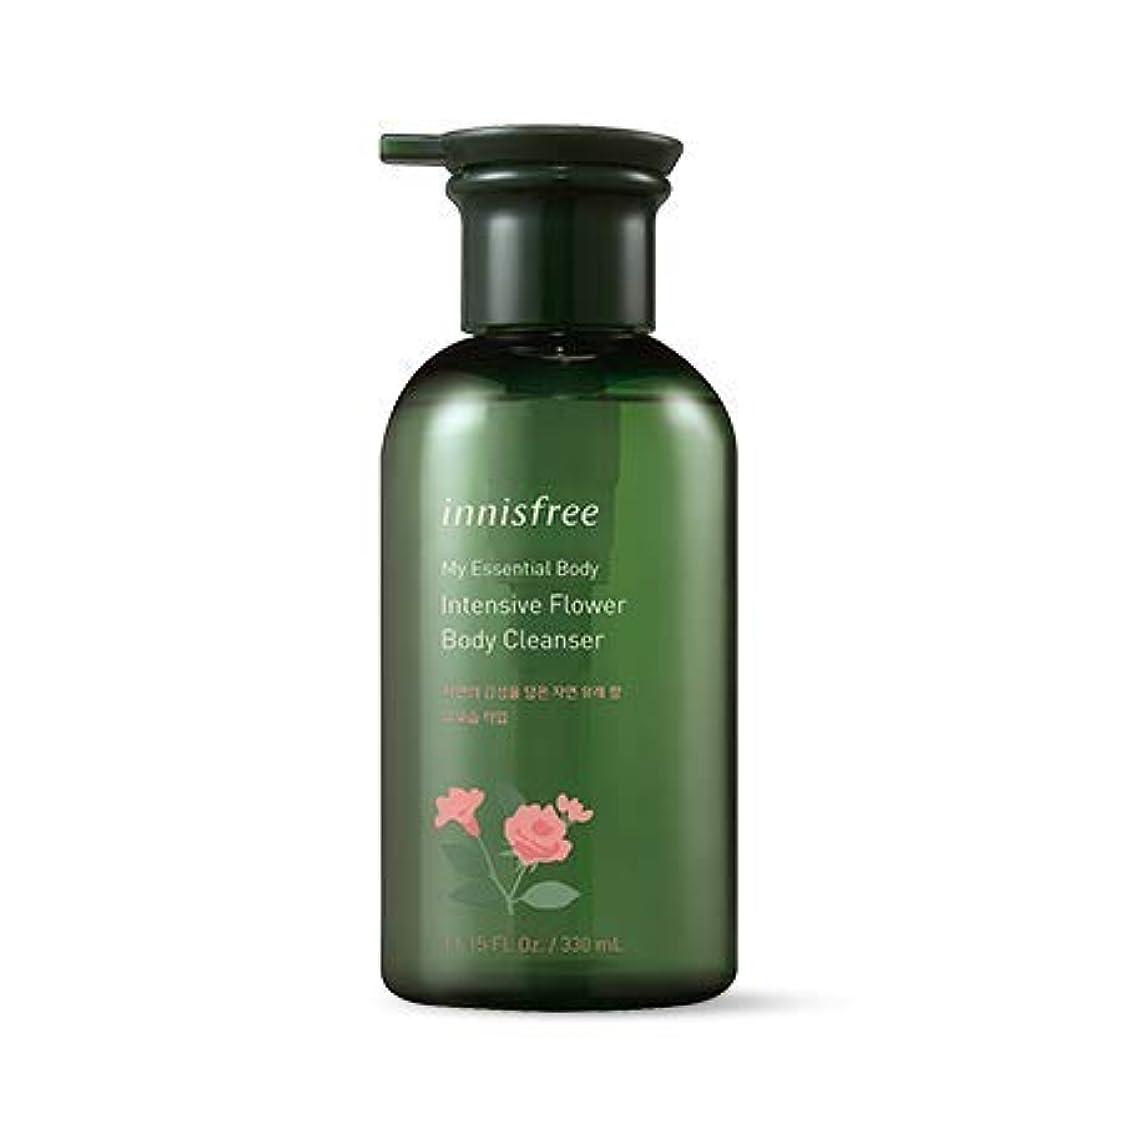 悪化するによって現れる[イニスフリー.innisfree]マイエッセンシャルボディインテンシブフラワーボディクレンザー330mL)2019 new)/ My Essential Body Intensive Flower Body Cleanser